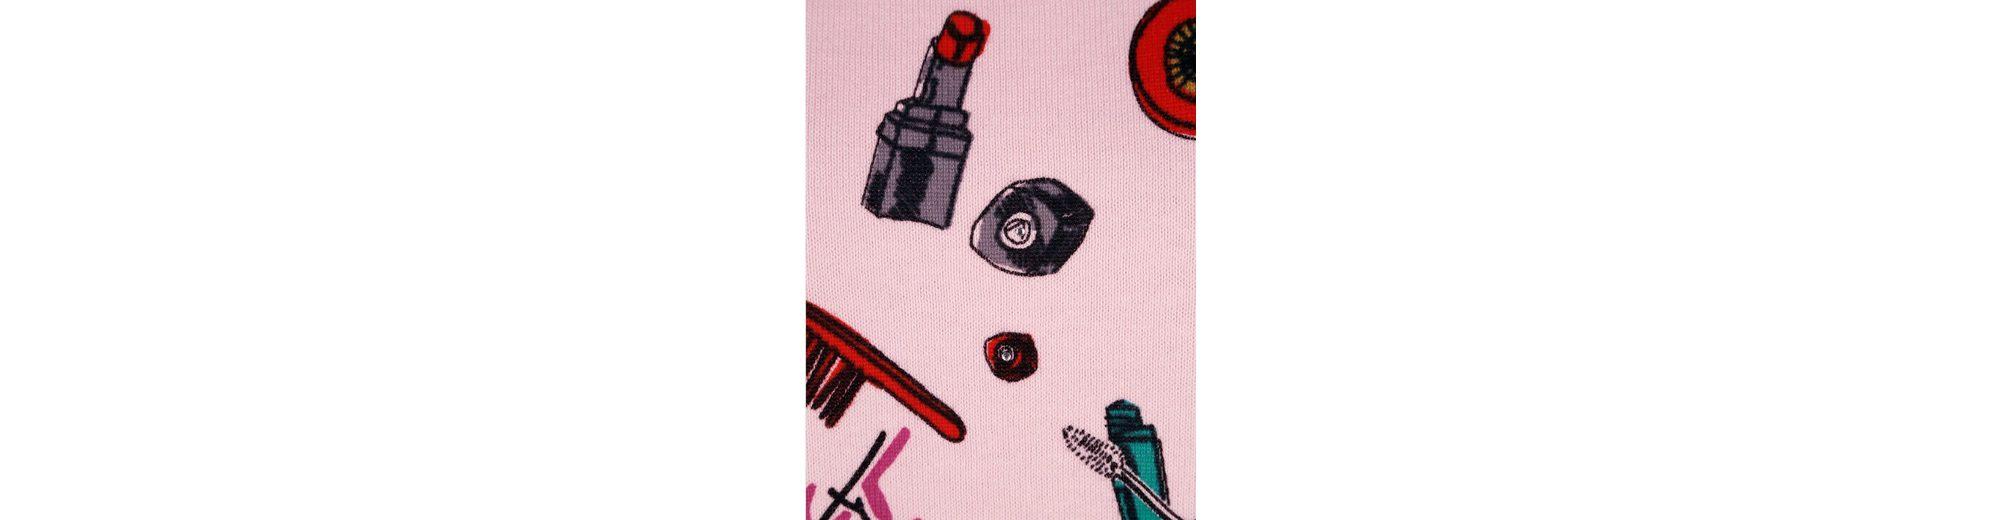 Alba Moda Pullover mit Beauty-Print mit Rundhalsausschnitt Limitierter Auflage Zum Verkauf Original Hohe Qualität Günstig Online 9GupWDUz1B